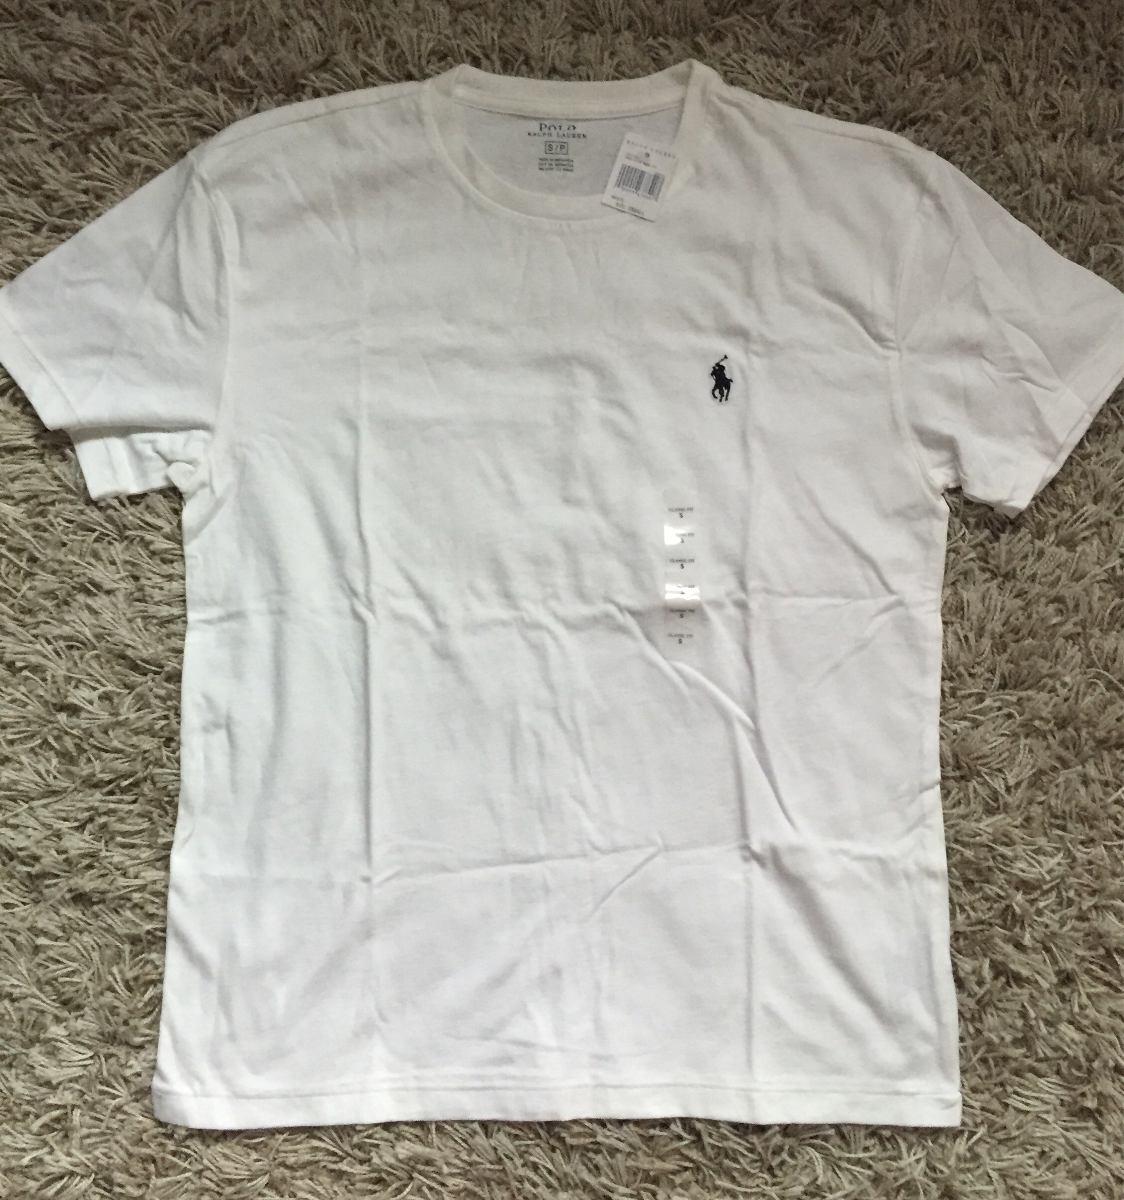 e9f5ca2b9c camiseta polo ralph lauren tamanho p original com etiqueta. Carregando zoom.